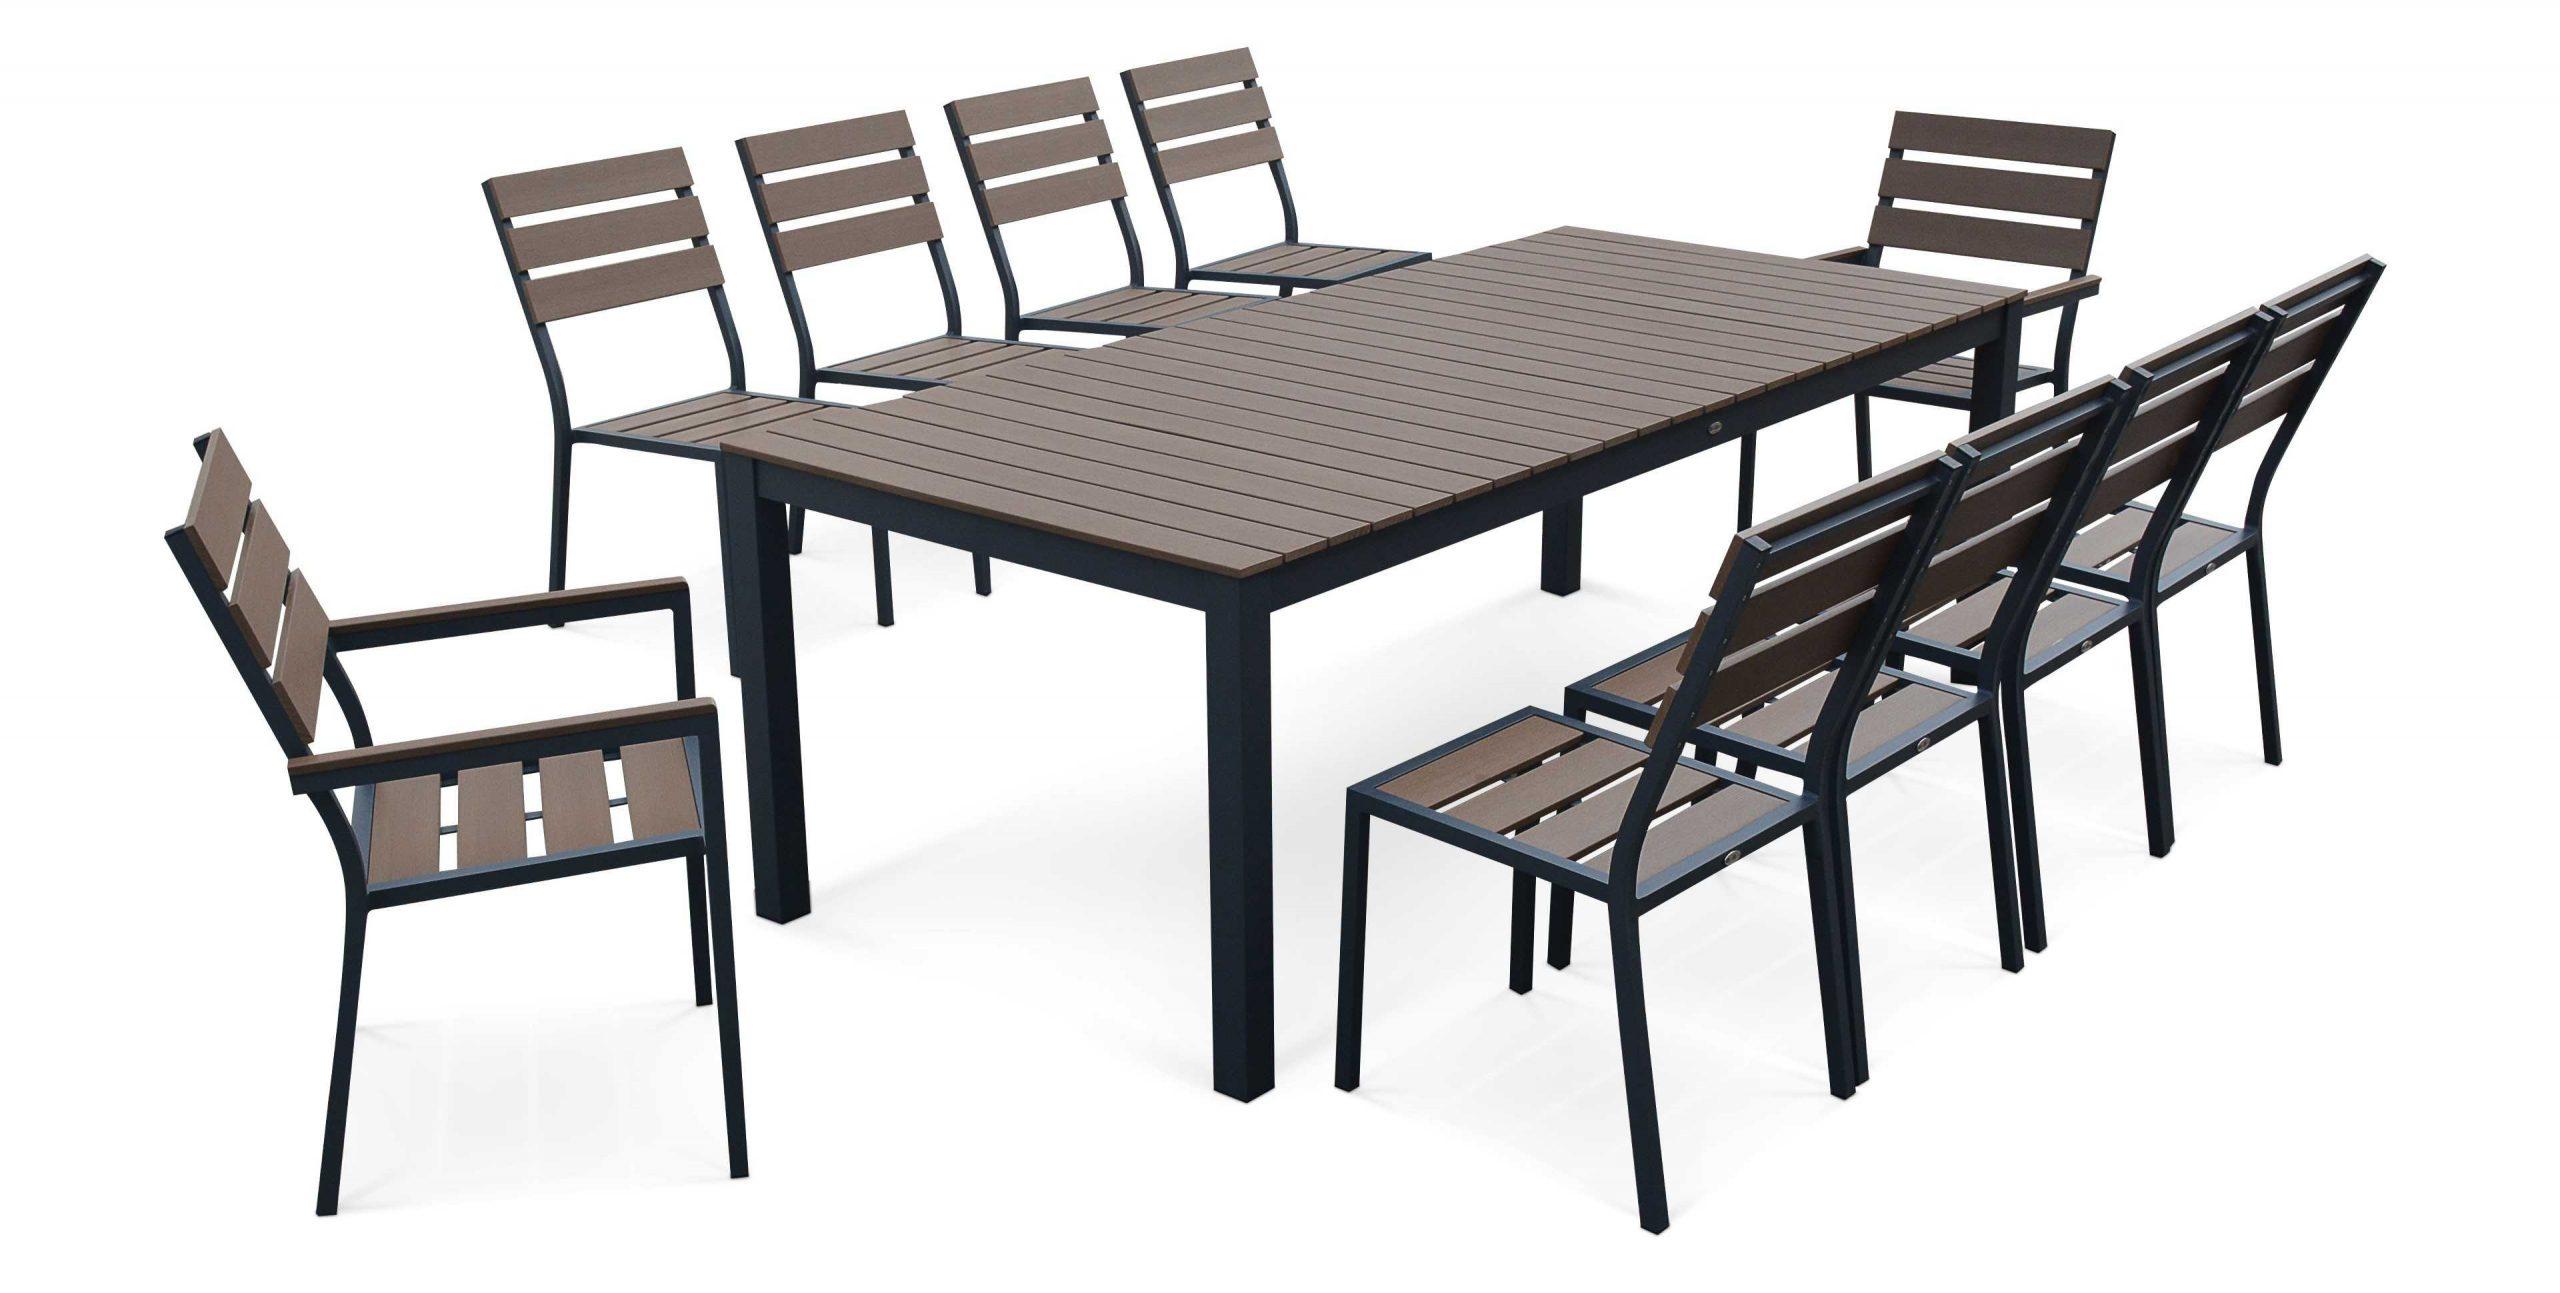 Enchanteur Table De Jardin 10 Personnes Avec Salon Table De ... intérieur Table Jardin 10 Personnes